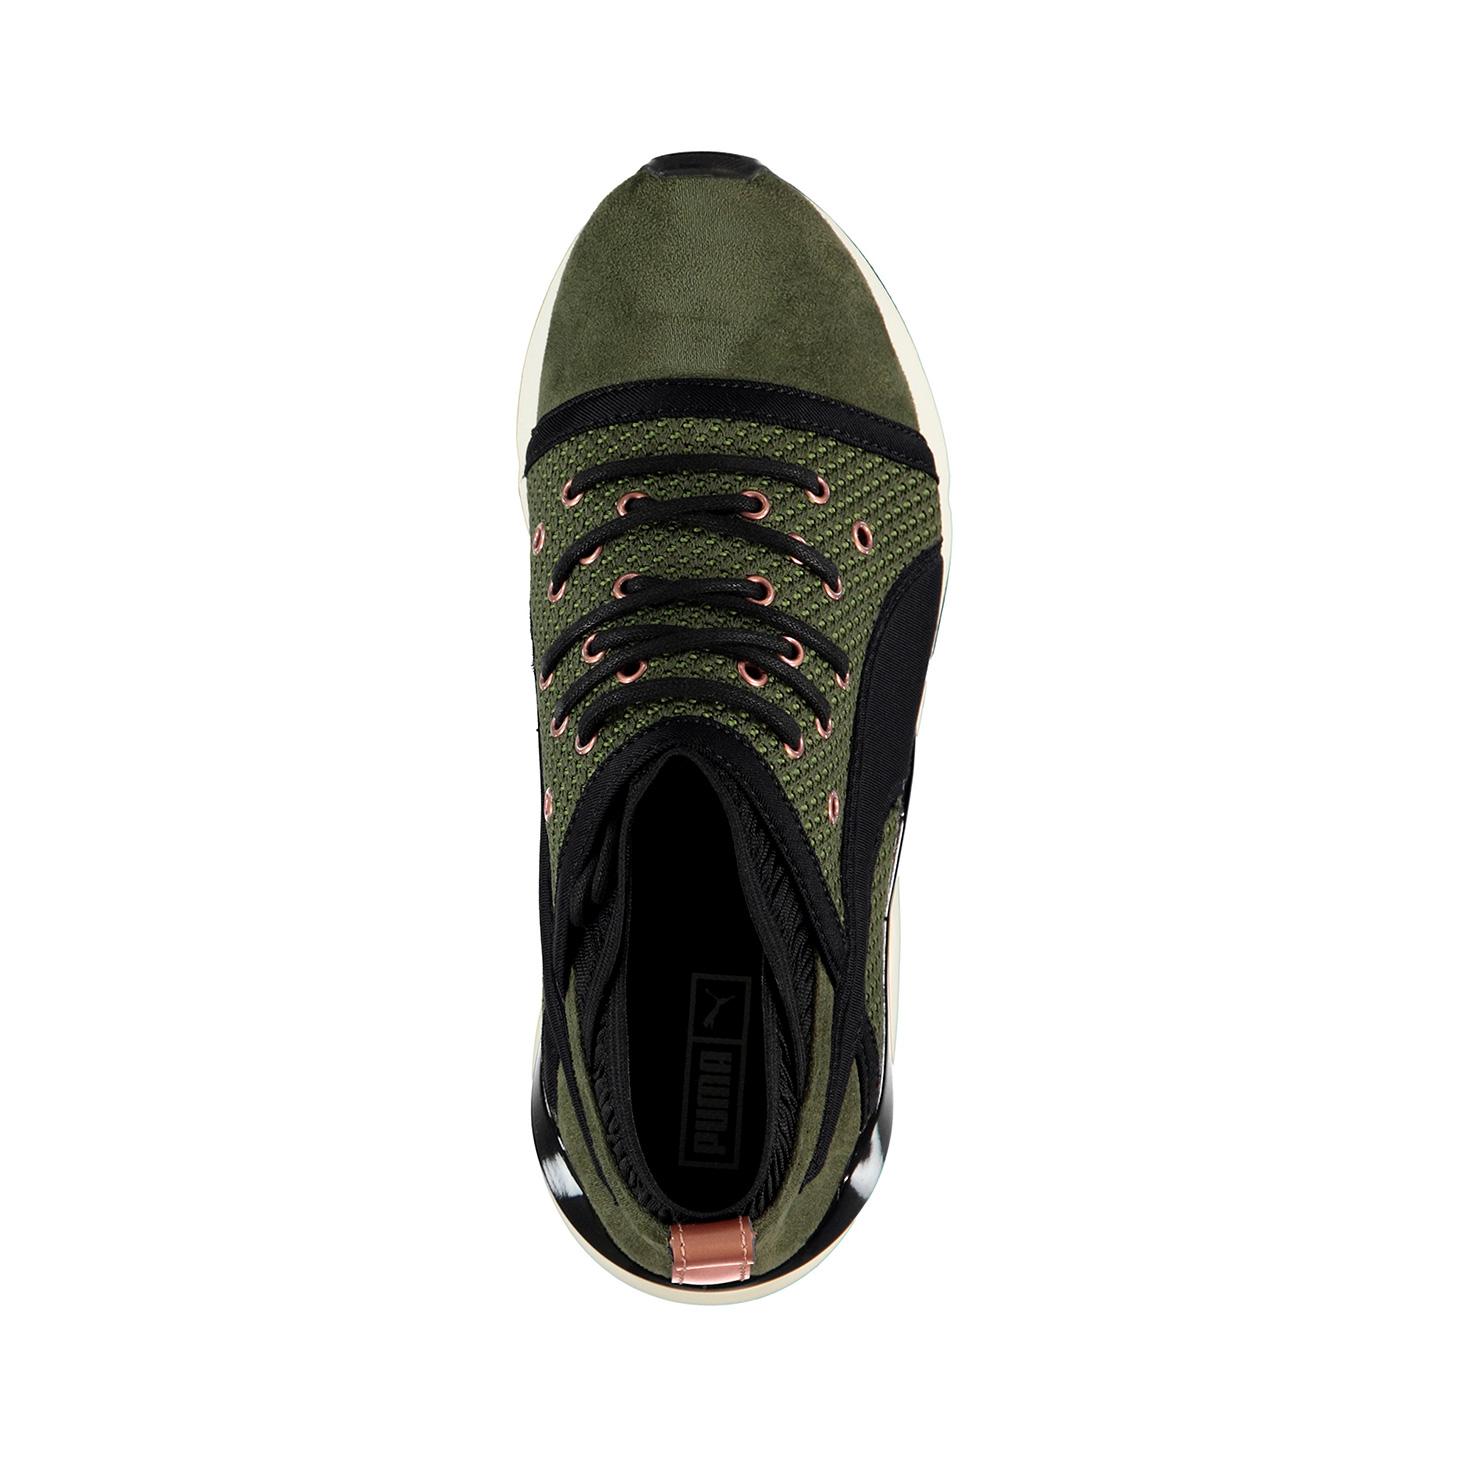 Puma Pearl Velvet Rope Kadın Yeşil Sneaker